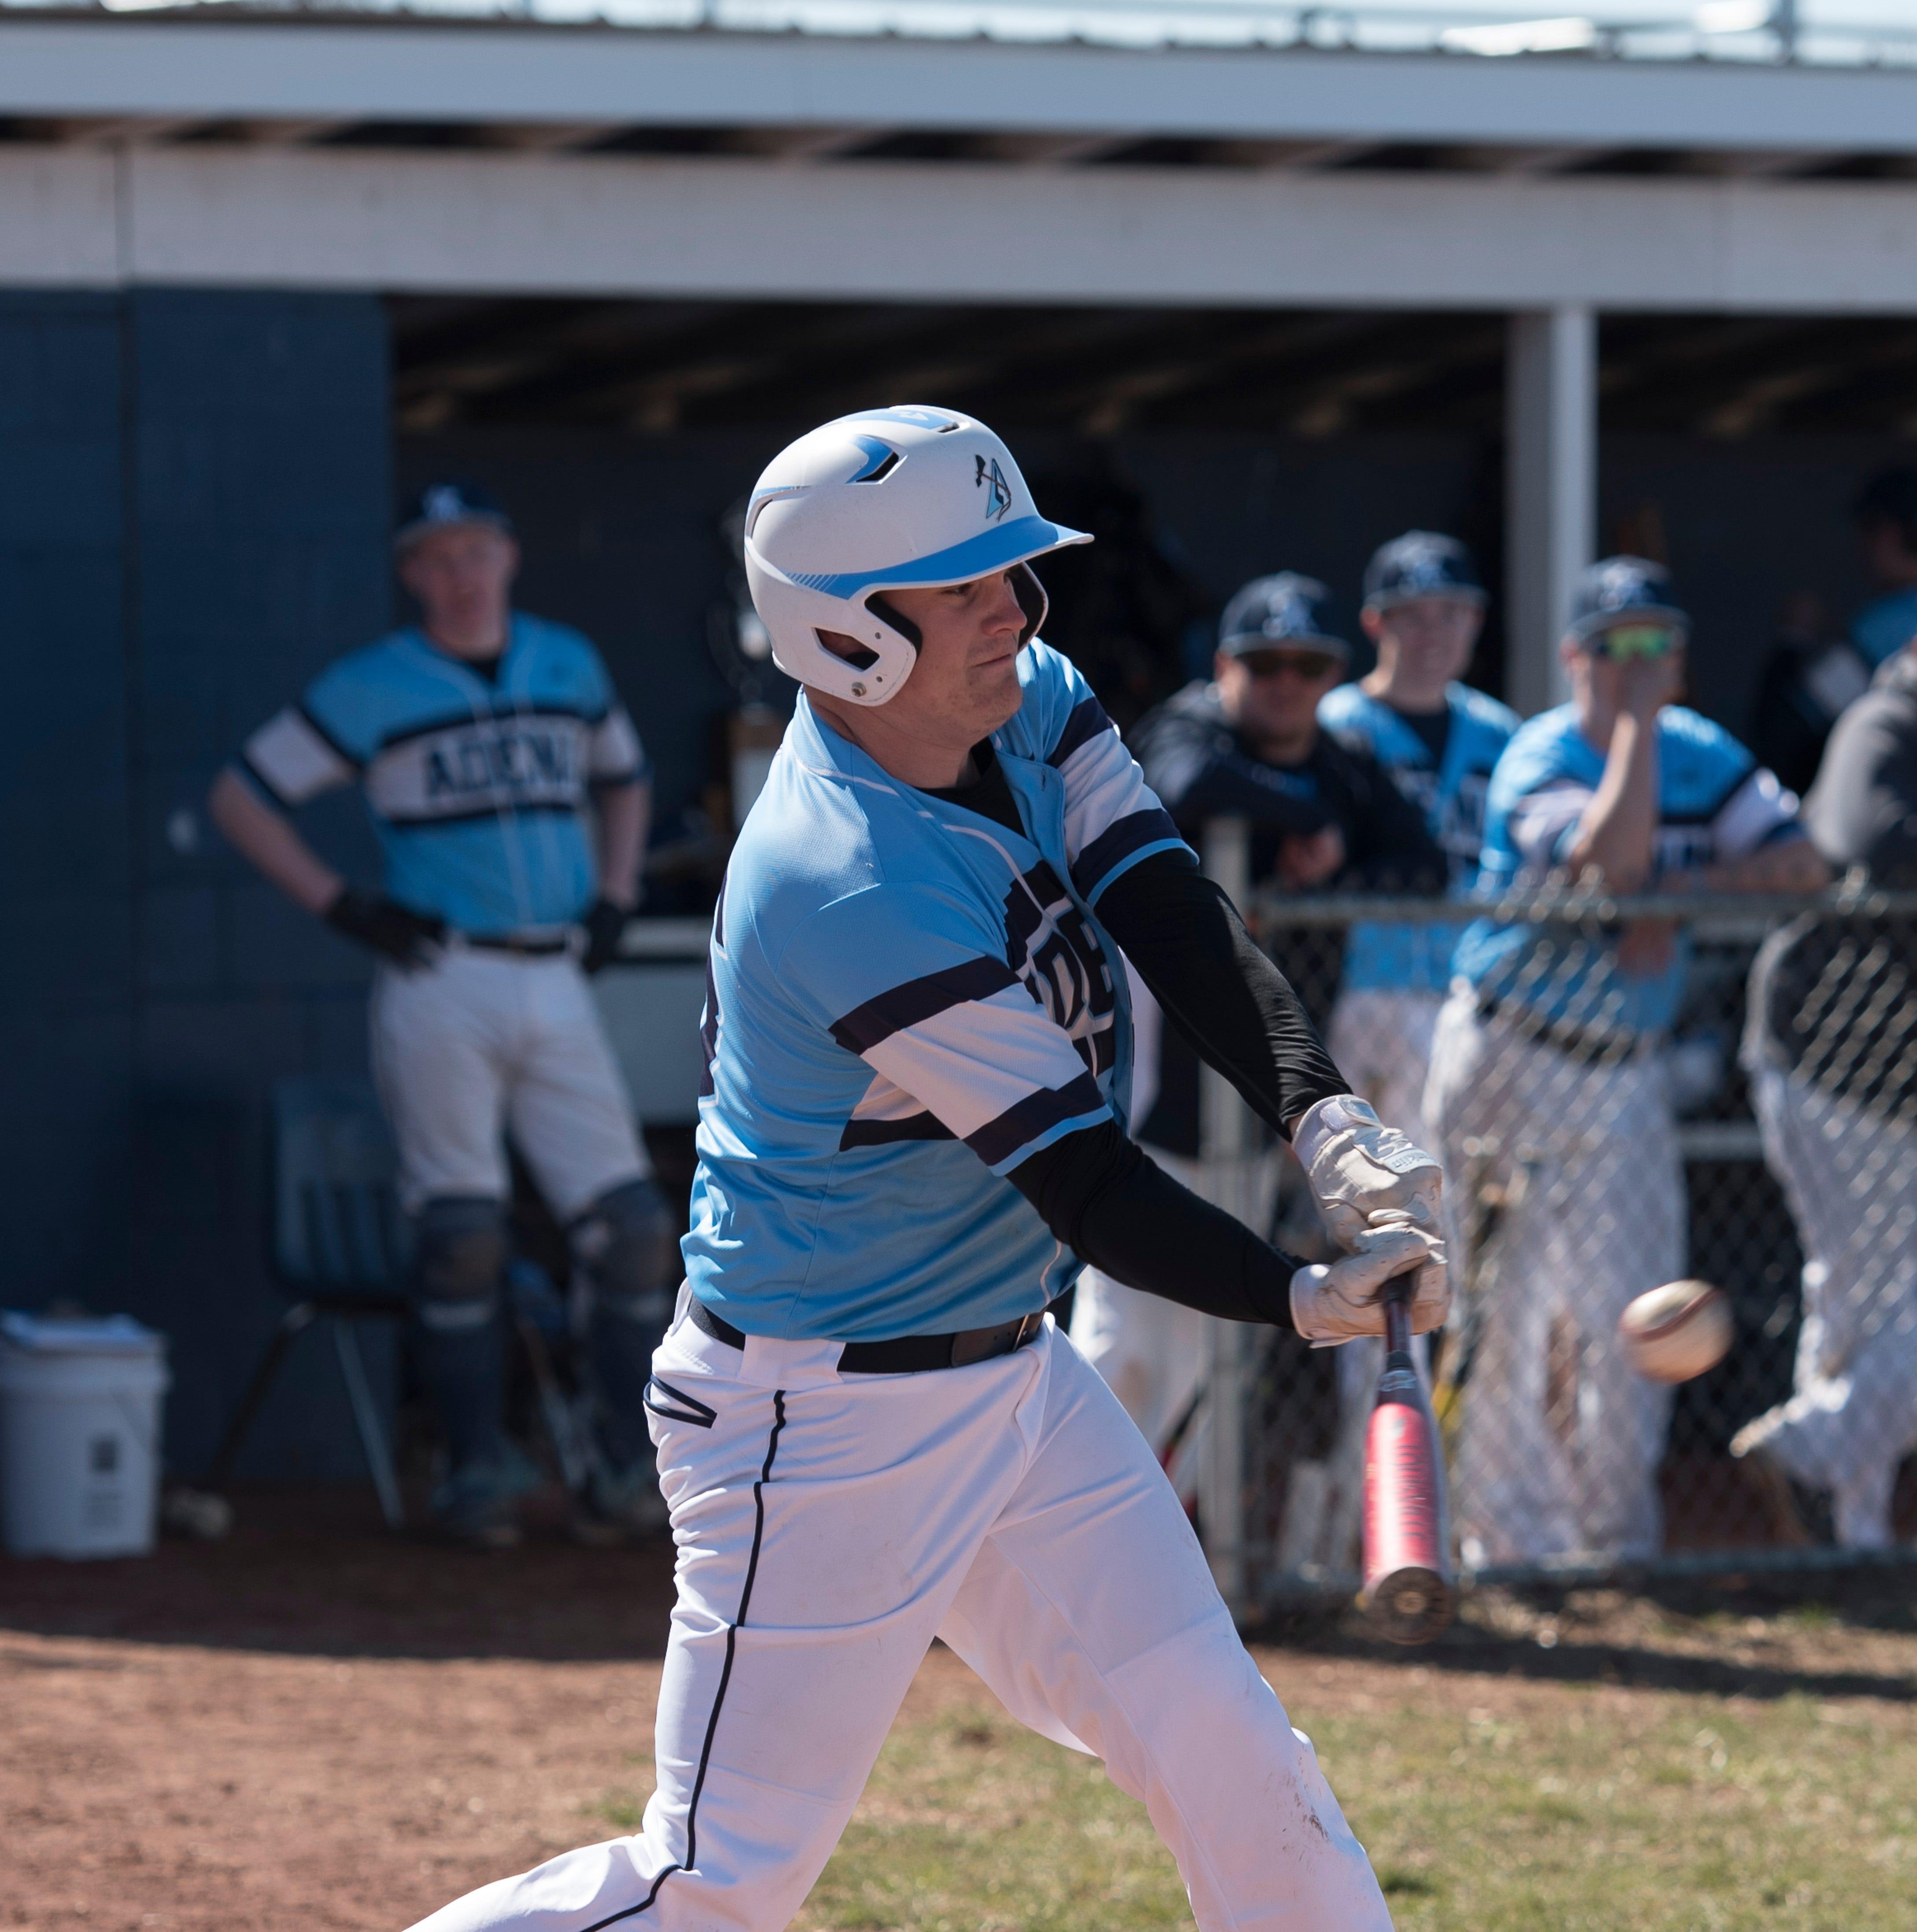 Saturday scores: Adena baseball falls to Hillsboro, Zane Trace defeats Canal Winchester